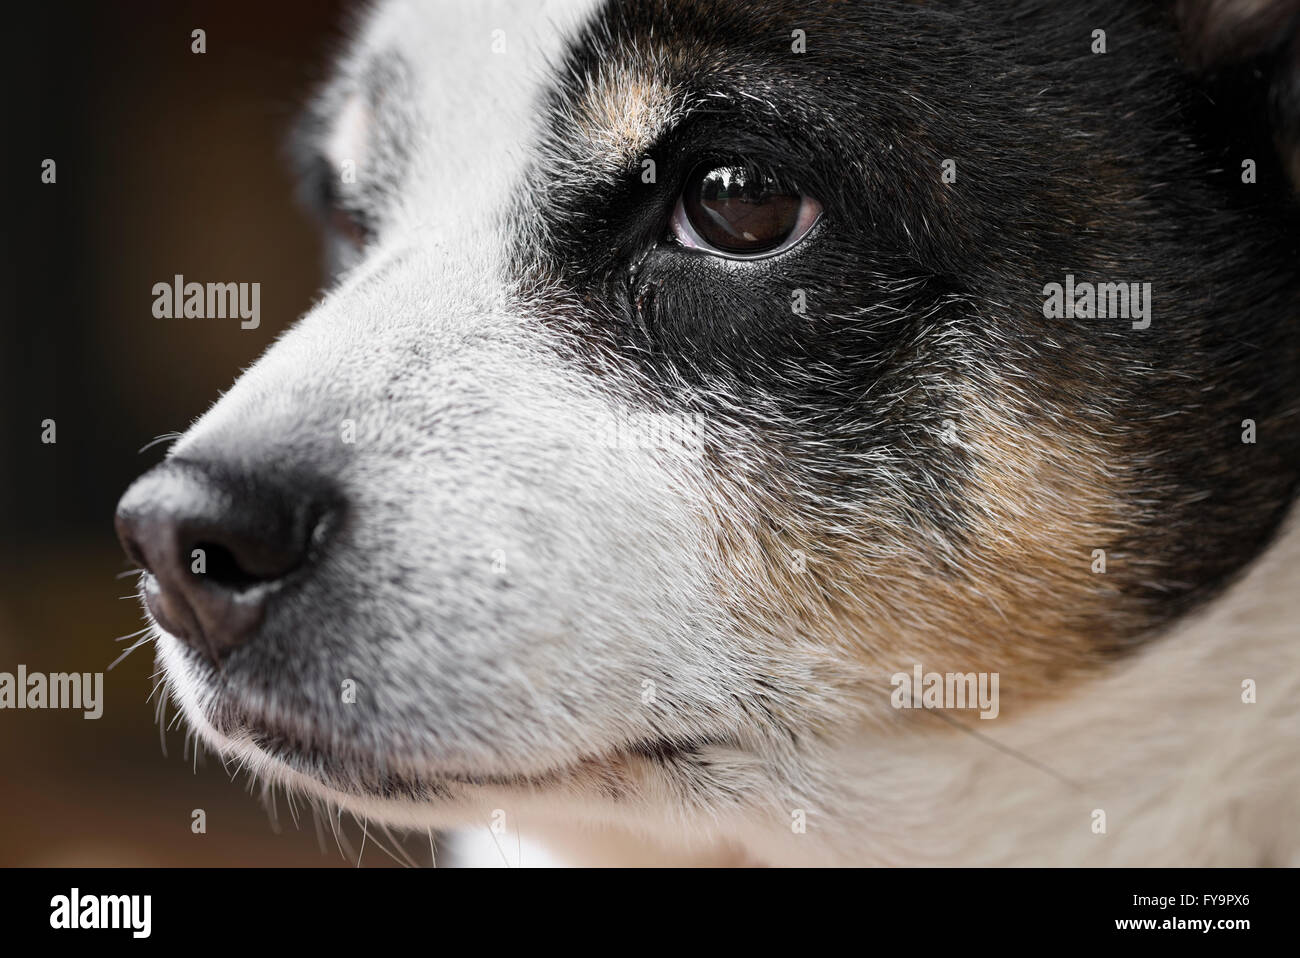 Cose su ritratto di un vecchio cane. Rat terrier profilo. Immagini Stock